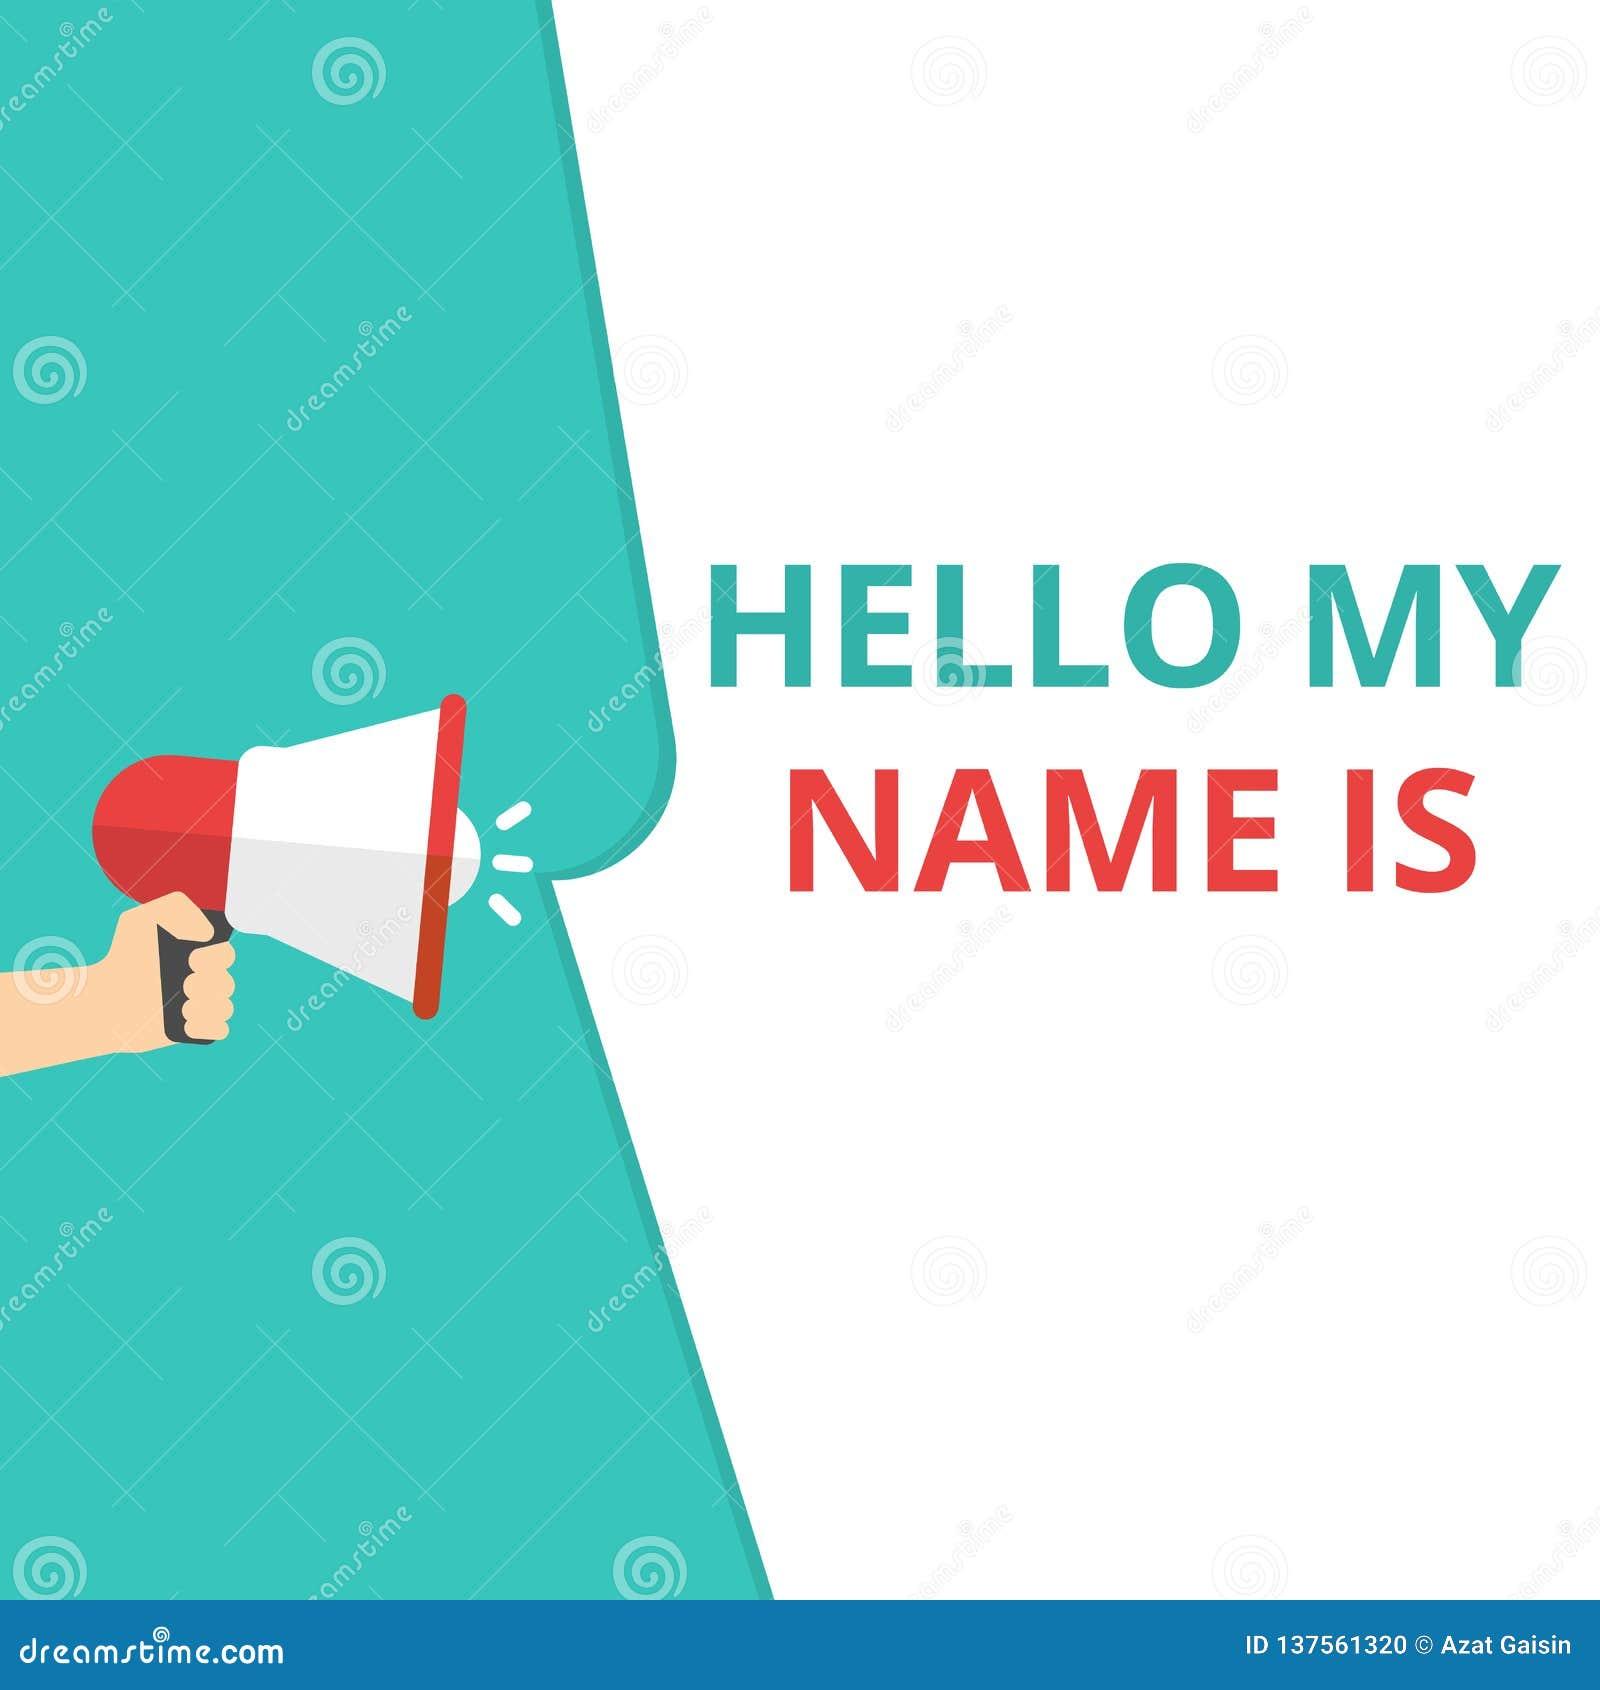 显示你好我的名字的文字笔记是